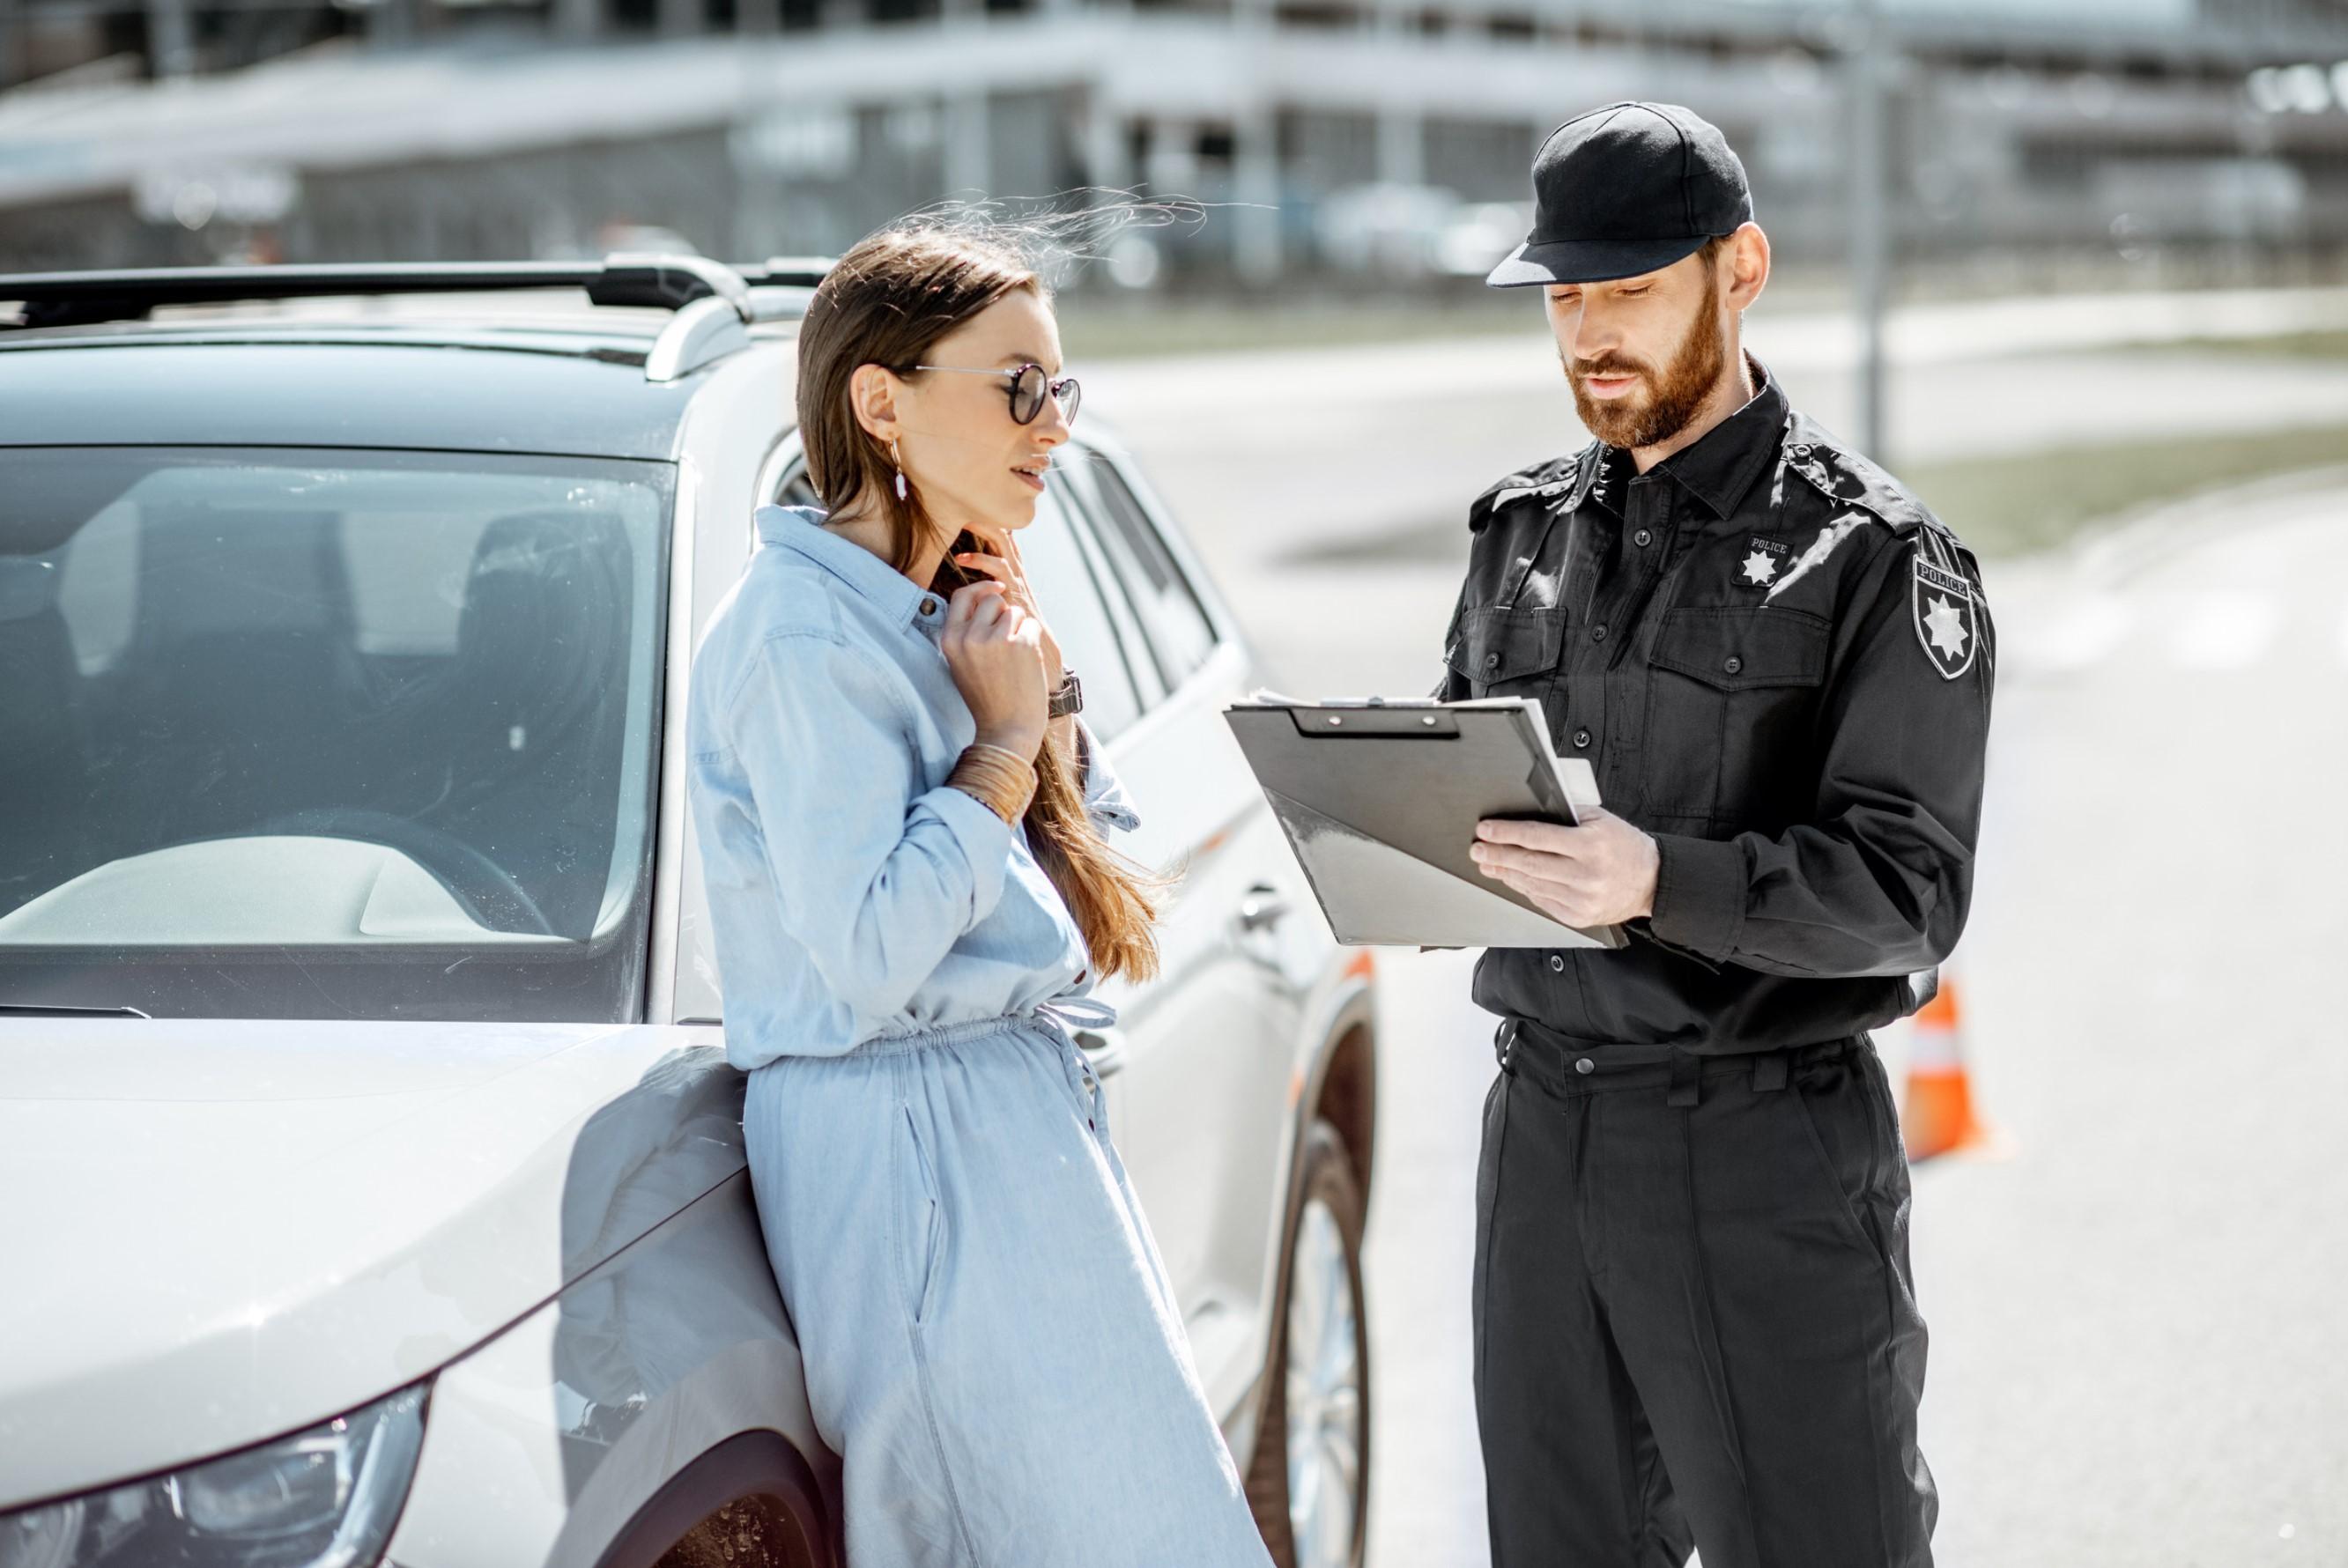 Refus d'obtempérer permis de conduire